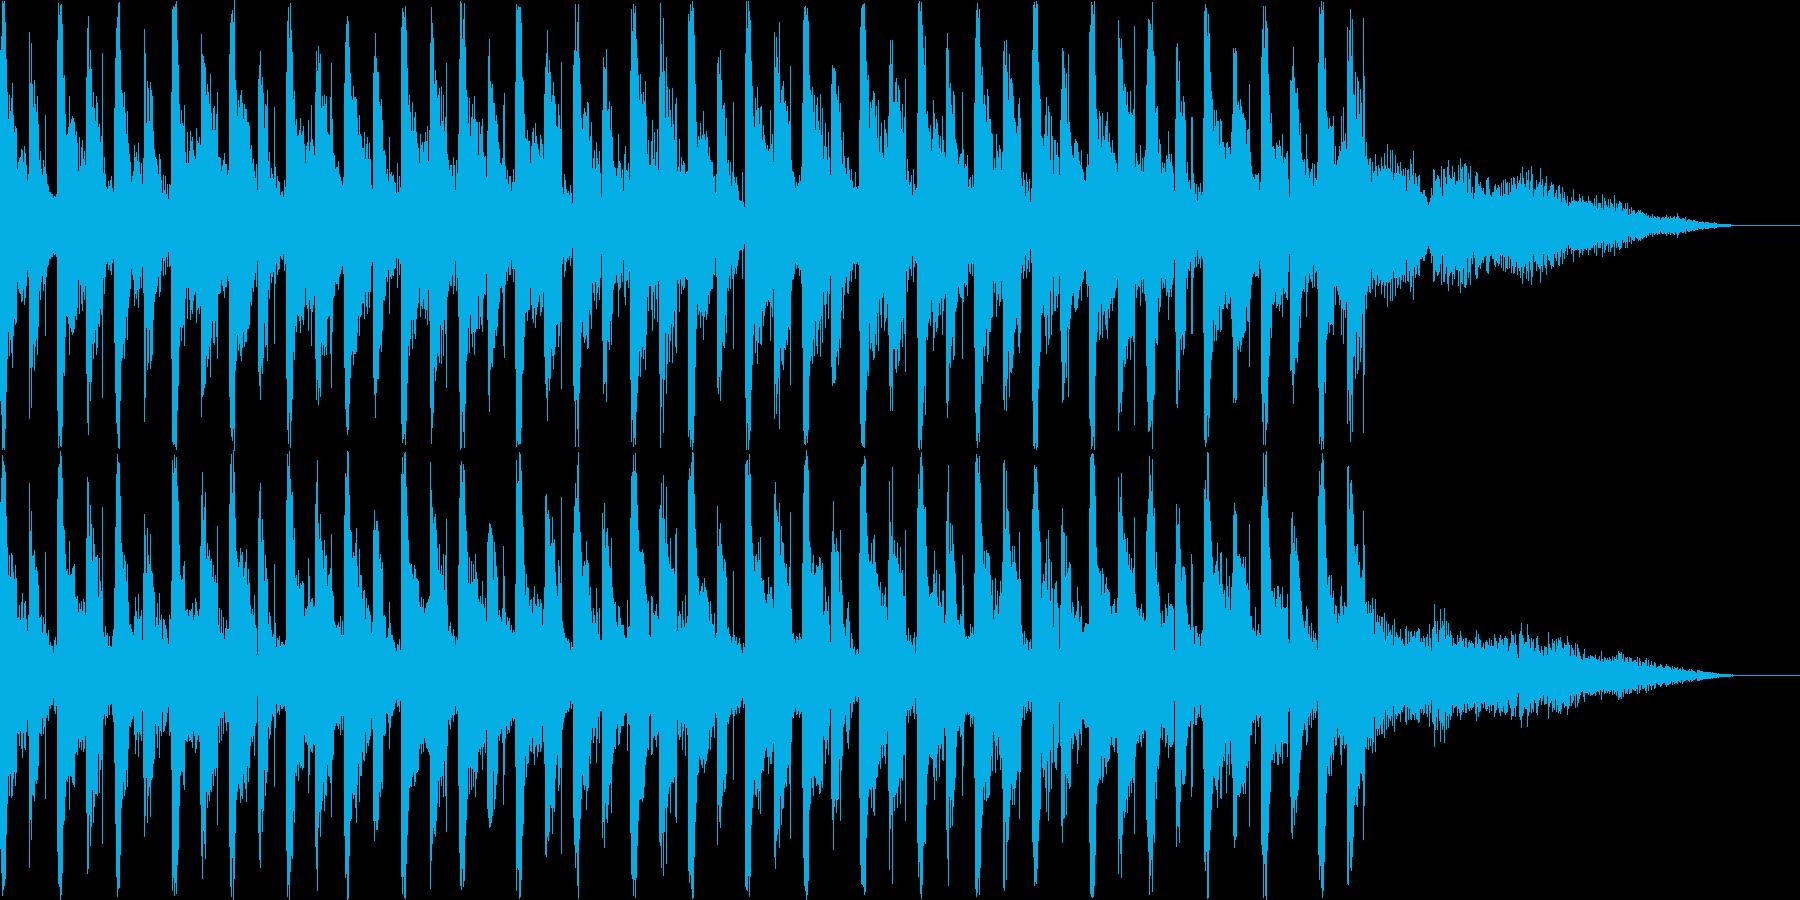 おしゃれでハウスよりのBGMの再生済みの波形